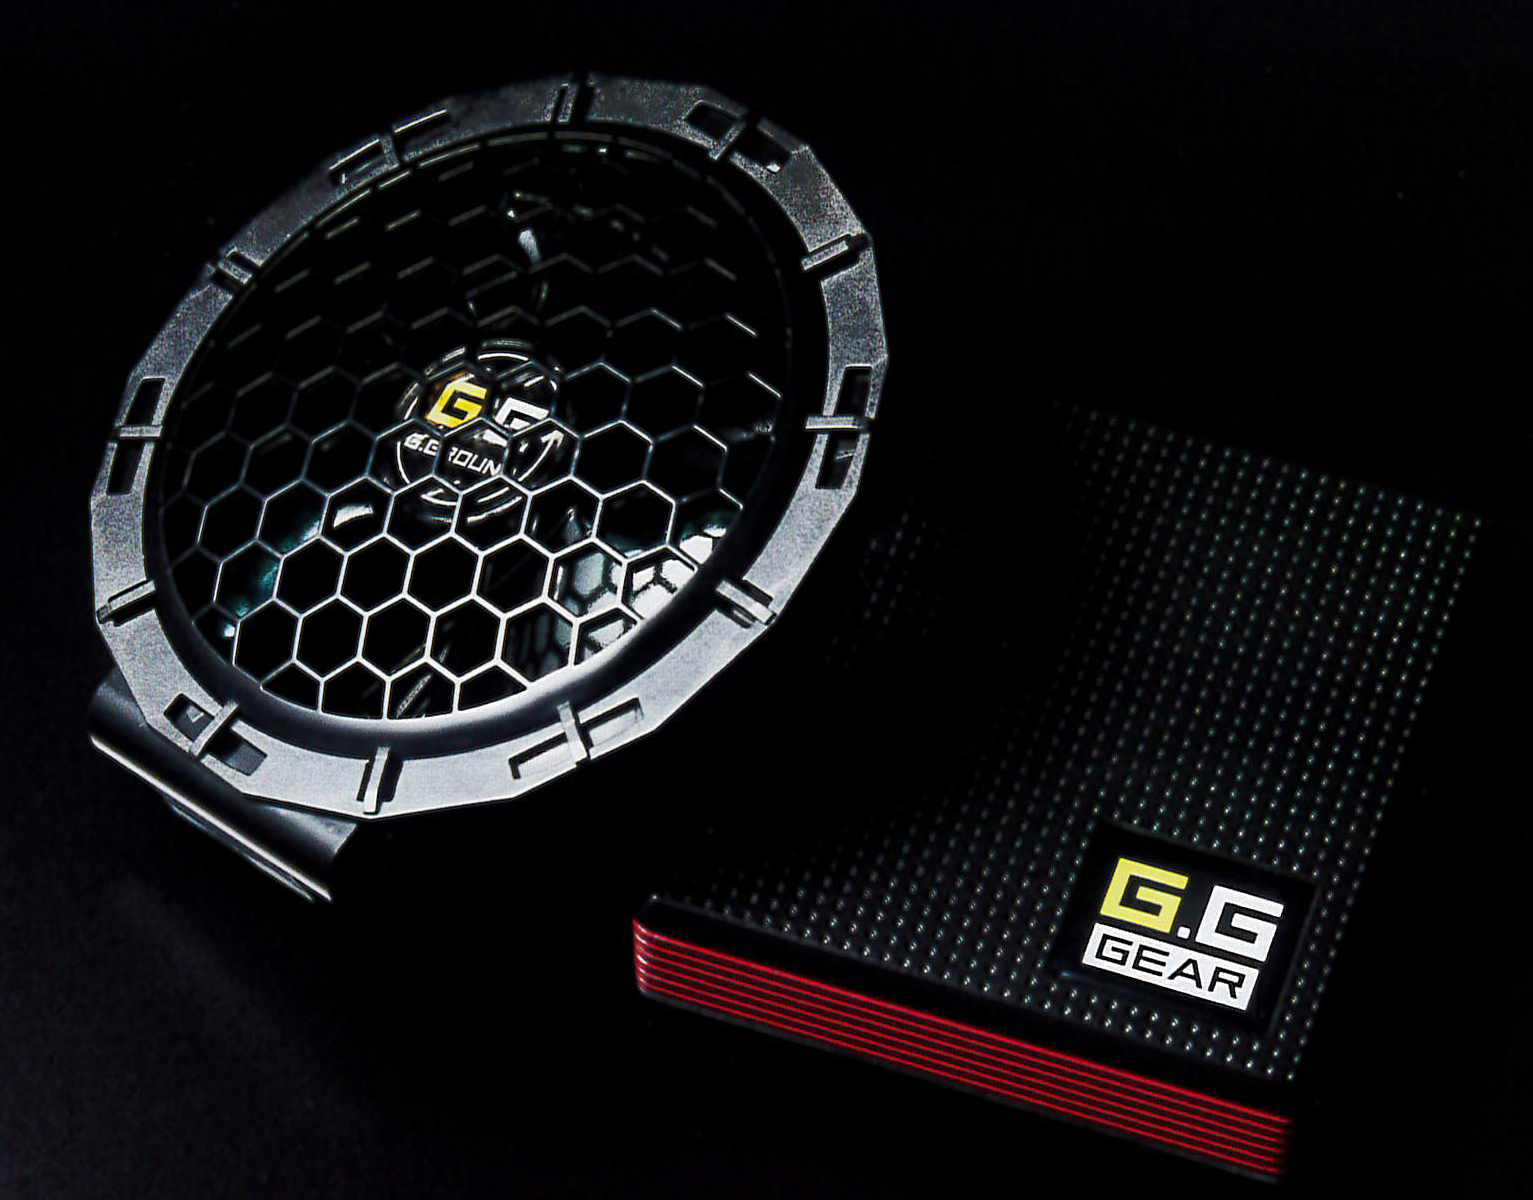 G.GROUND~ジーグランド~空調機器 ¥16,840(税込)